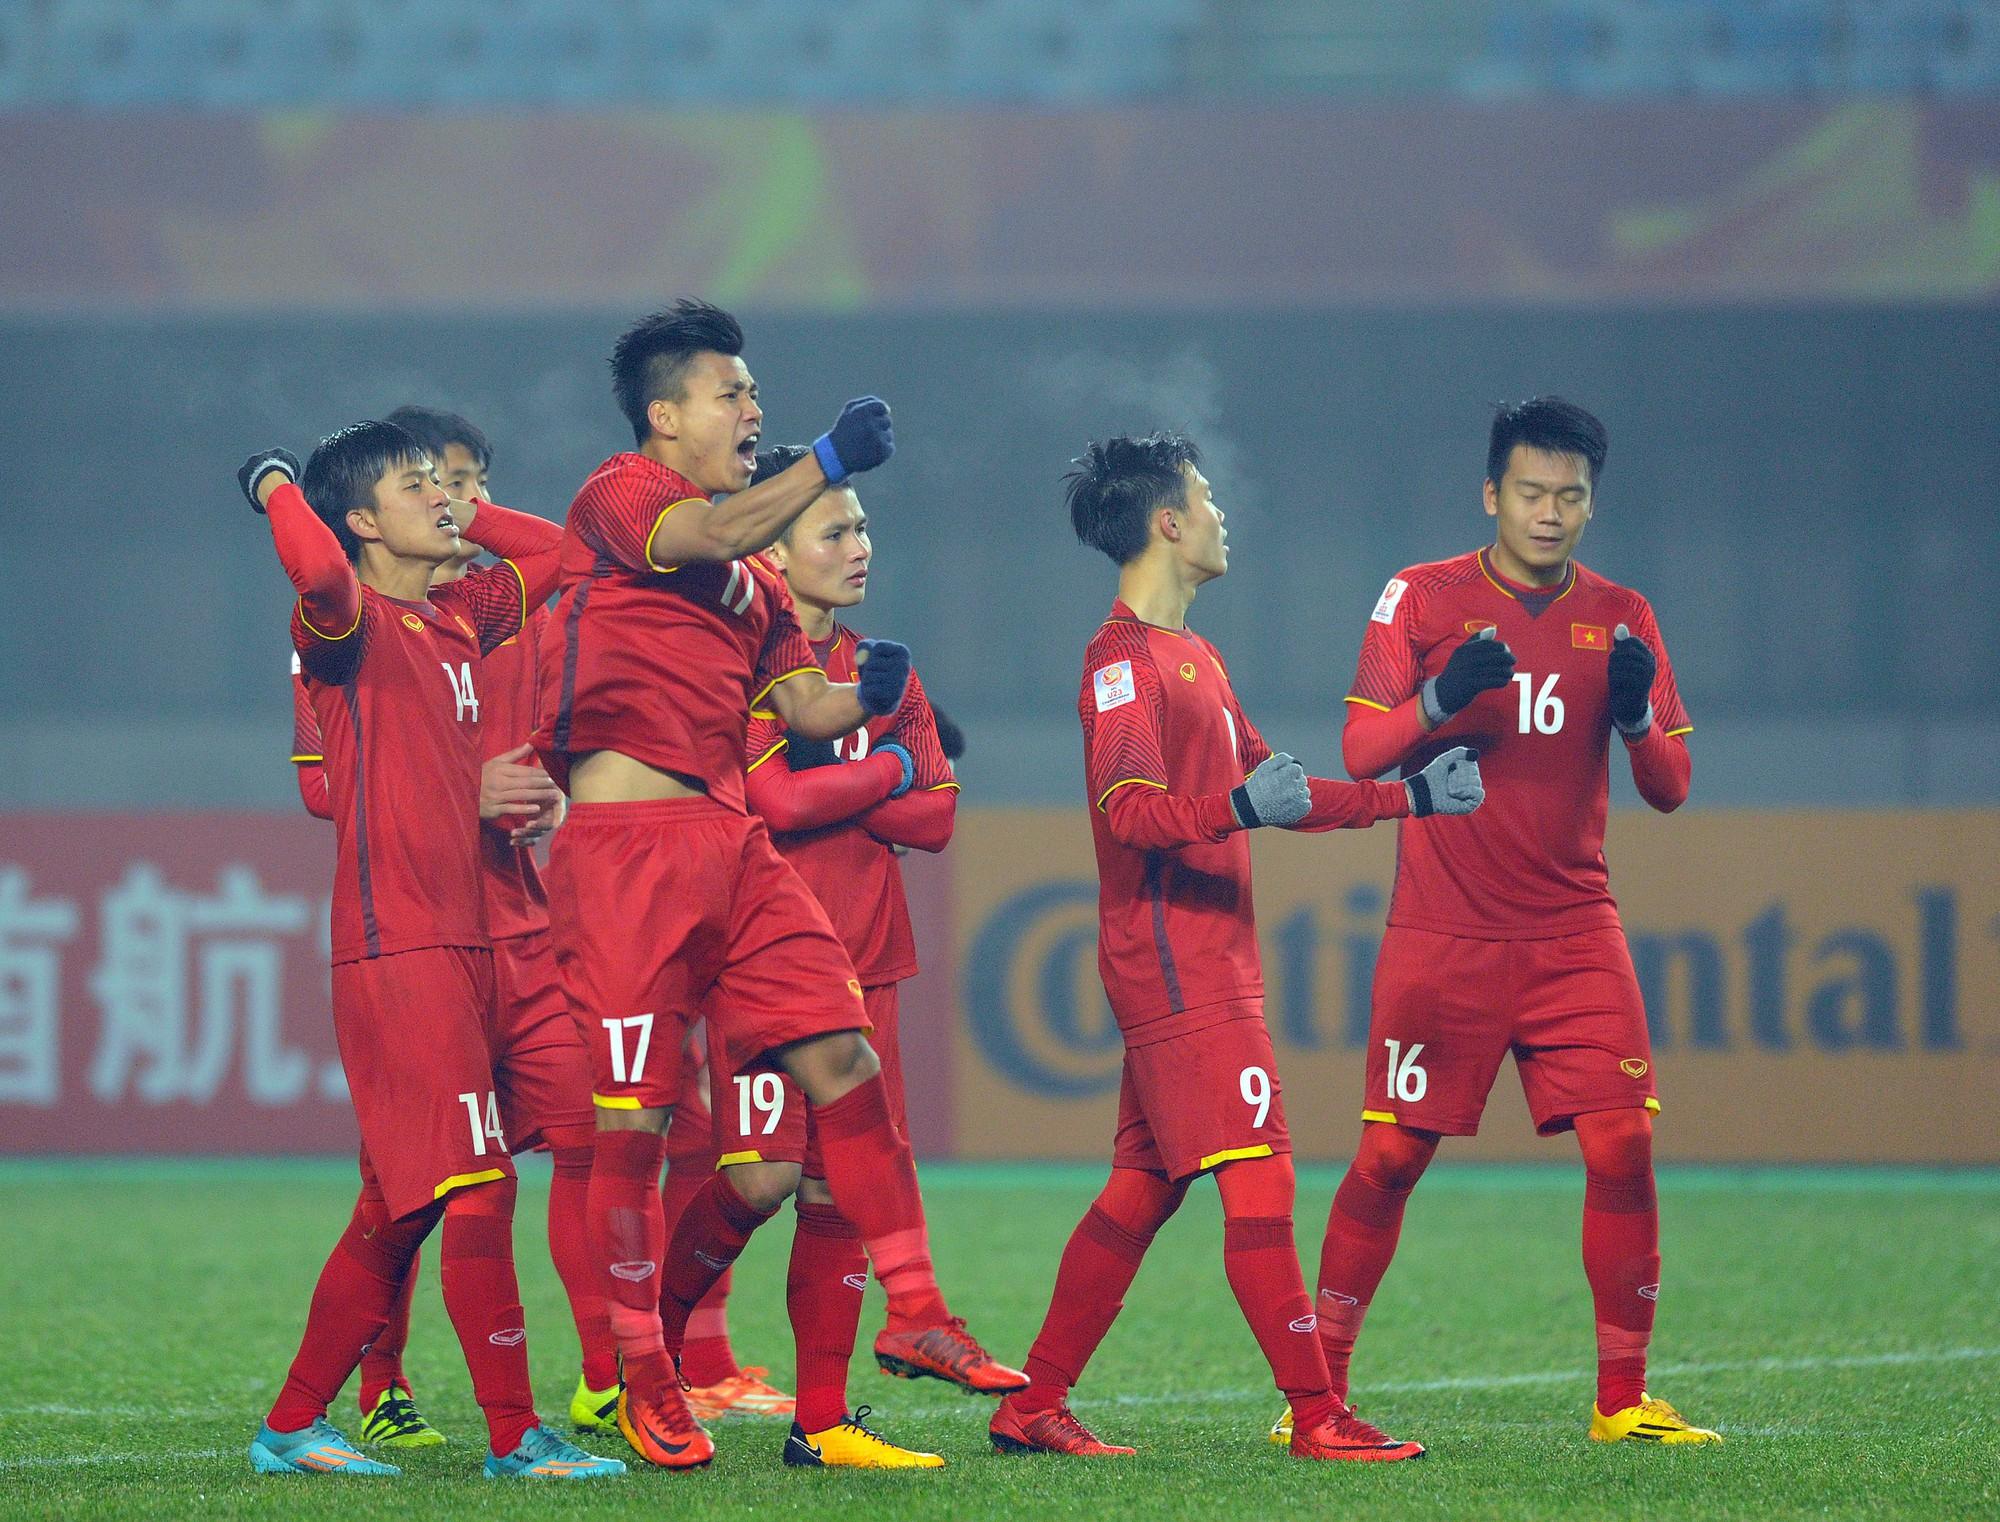 Từ thành công của U23 Việt Nam: Hãy để những kỳ tích trở thành mục tiêu trong tầm tay - Ảnh 1.